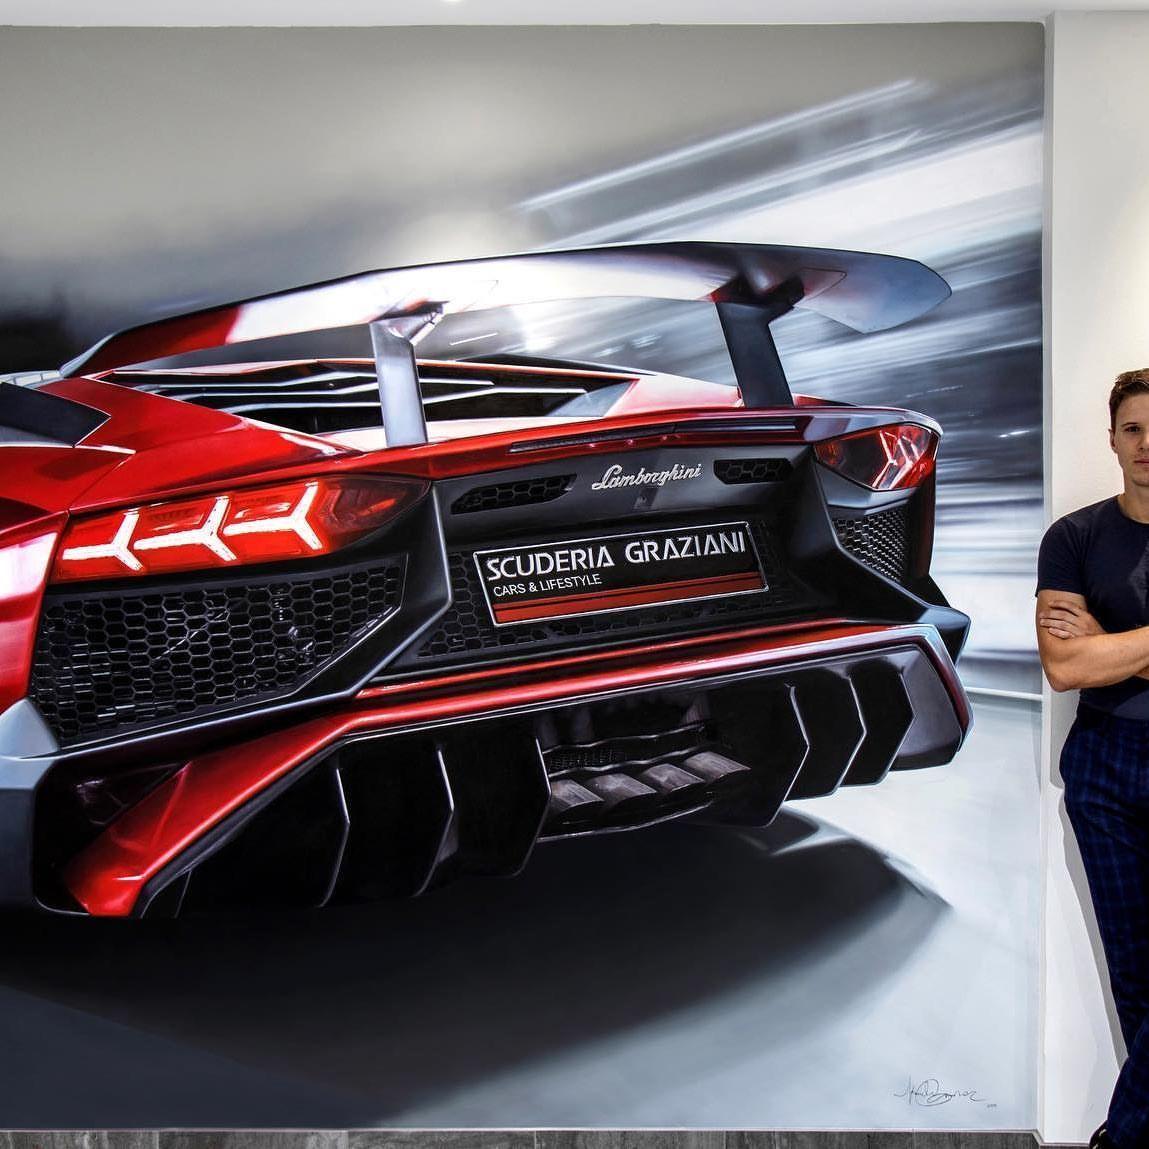 Full size LAMBORGHINI SV oil painting on wall... ——— P R O G R E S S  @karolis_grei  @scuderiagraziani @lamborghini #drive #lamborghini #art #artist #drawings #project @drawtodrive #painting #paint #insta #passion #cars #oilpainting #lamborghin #lamborghinisv Full size LAMBORGHINI SV oil painting on wall... ——— P R O G R E S S  @karolis_grei  @scuderiagraziani @lamborghini #drive #lamborghini #art #artist #drawings #project @drawtodrive #painting #paint #insta #passion #cars #oilpain #lamborghinisv